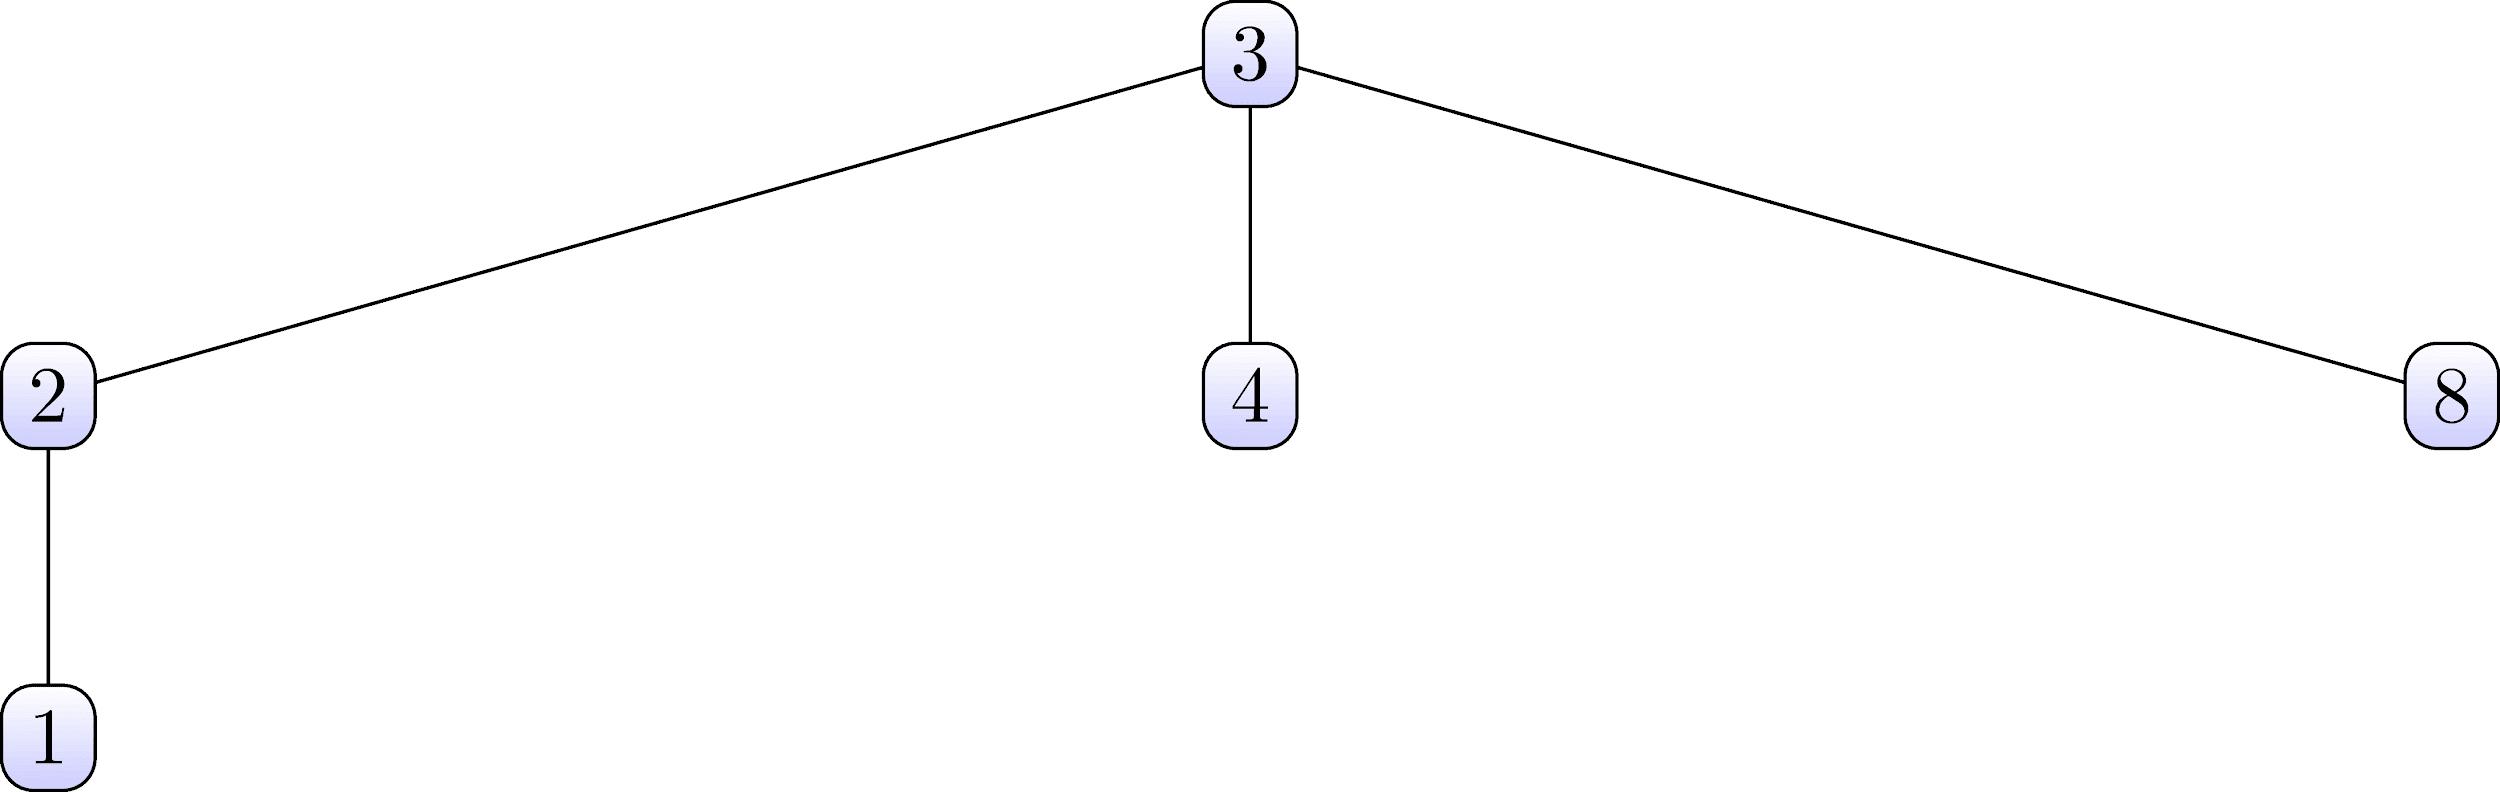 F#, алгоритм маркировки связных компонентов изображения — IT-МИР. ПОМОЩЬ В IT-МИРЕ 2020